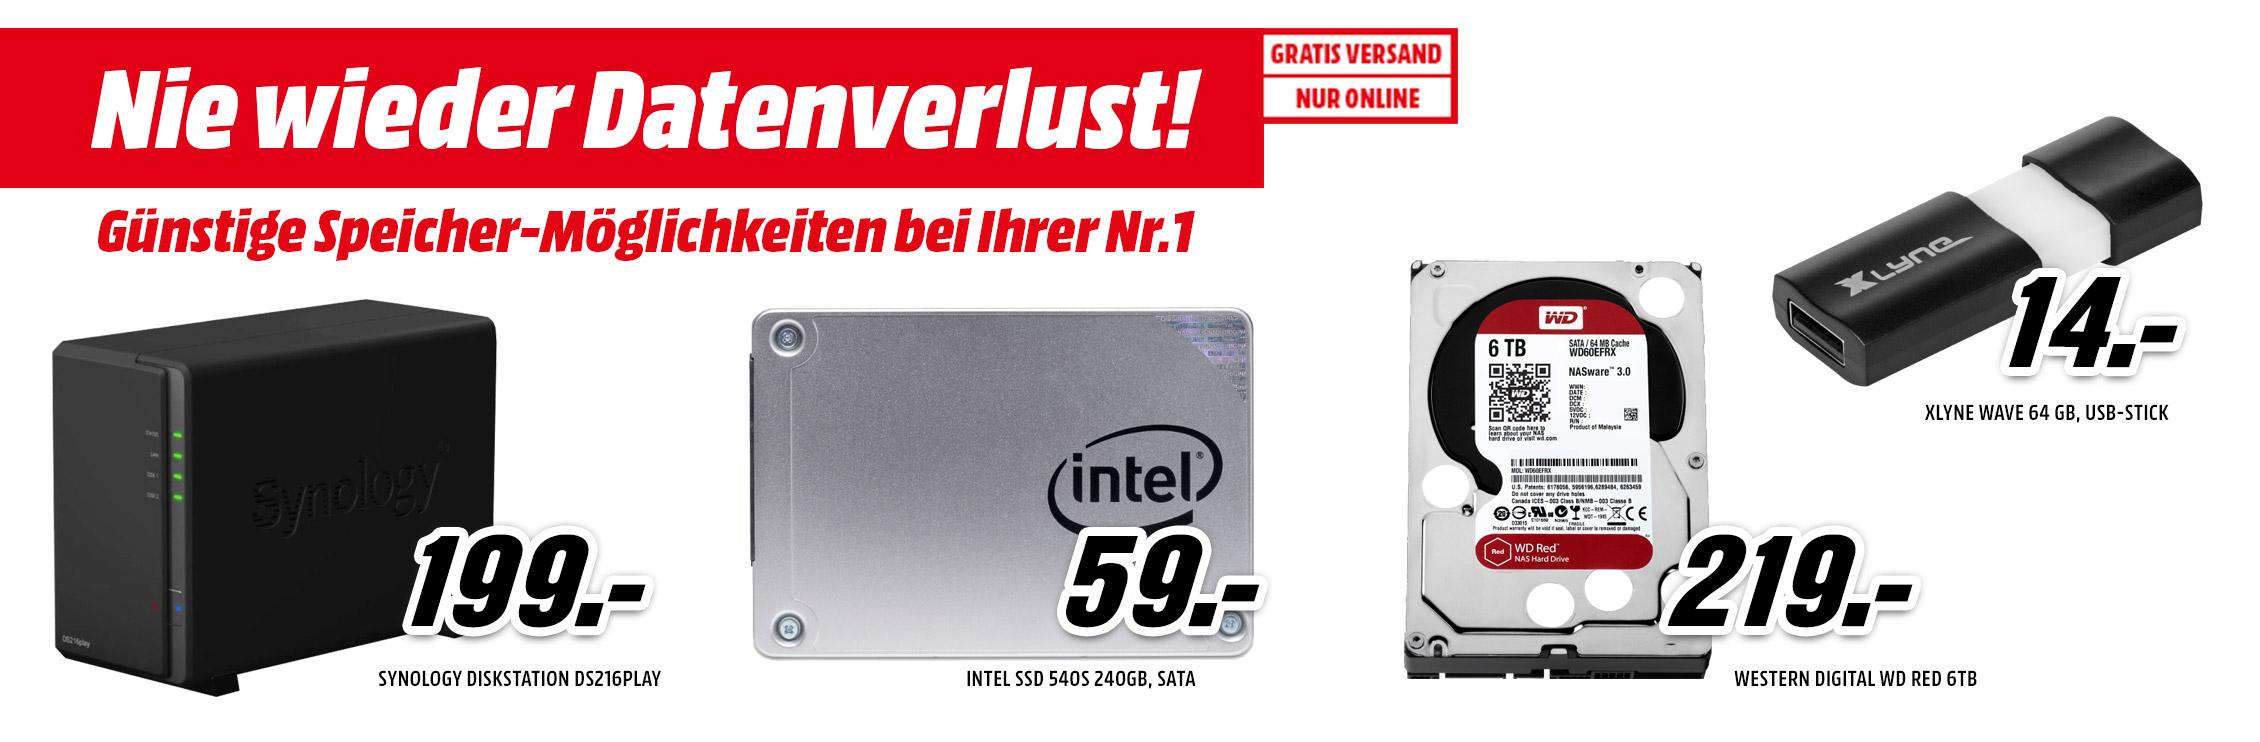 Media Markt Speicher Special - u.a. mit: Synology DS216PLAY NAS-System für 189€